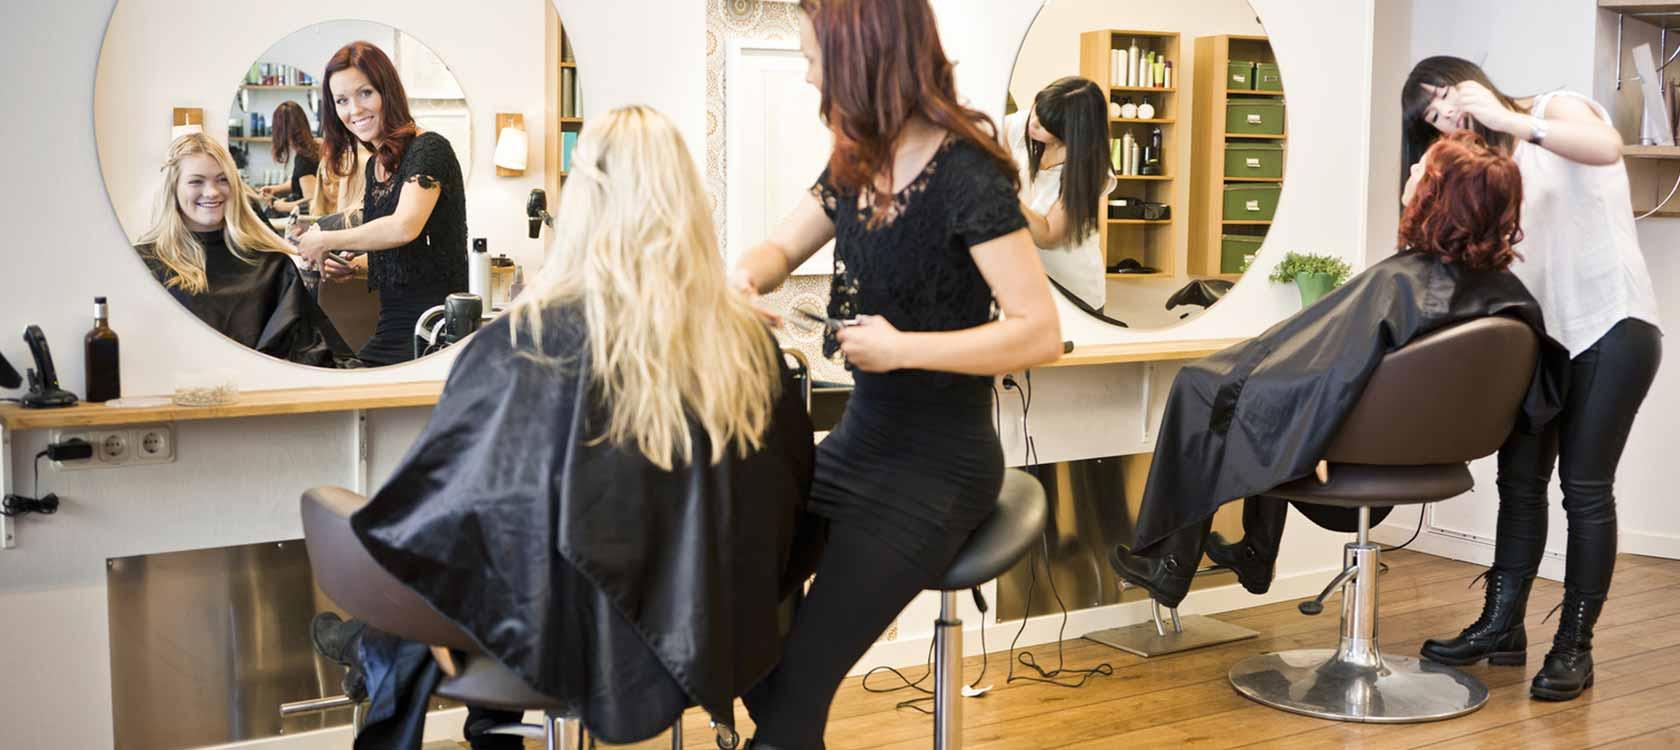 comment devenir coiffeuse a domicile